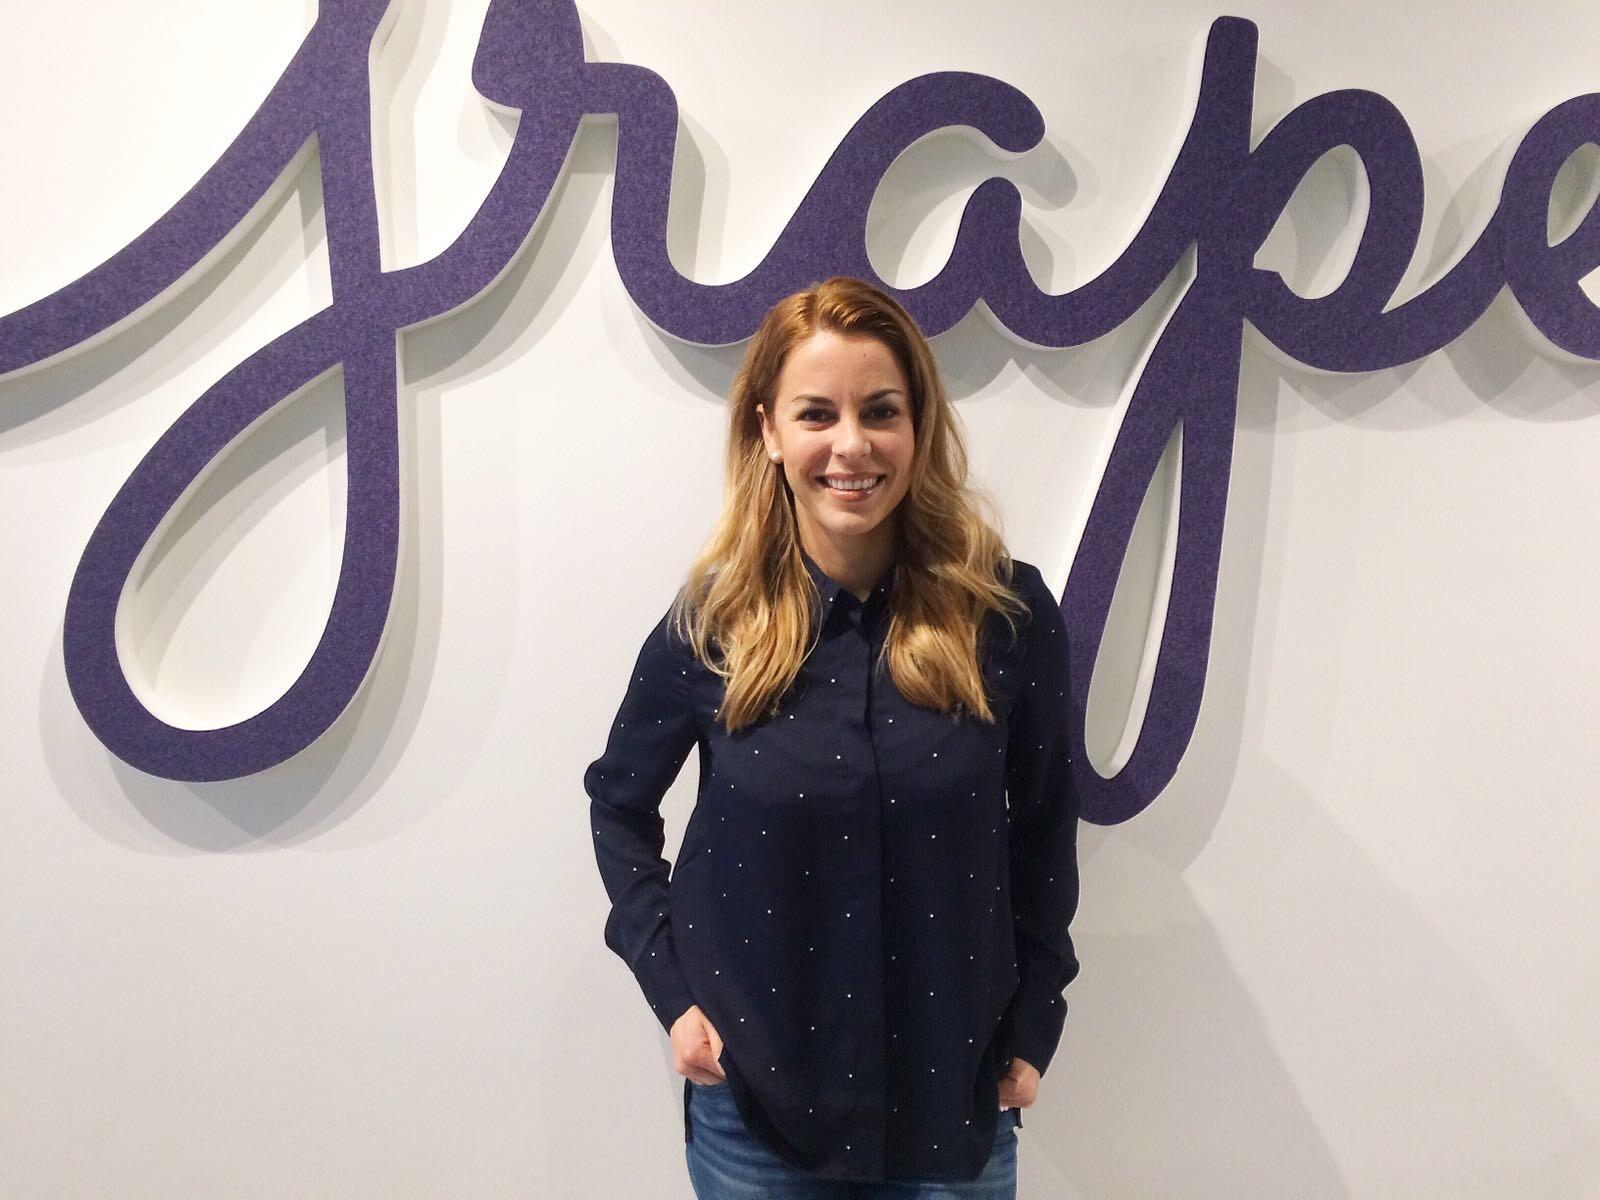 Satu Apukka aloitti Grapevinen myyntijohtajana 1.3.2017